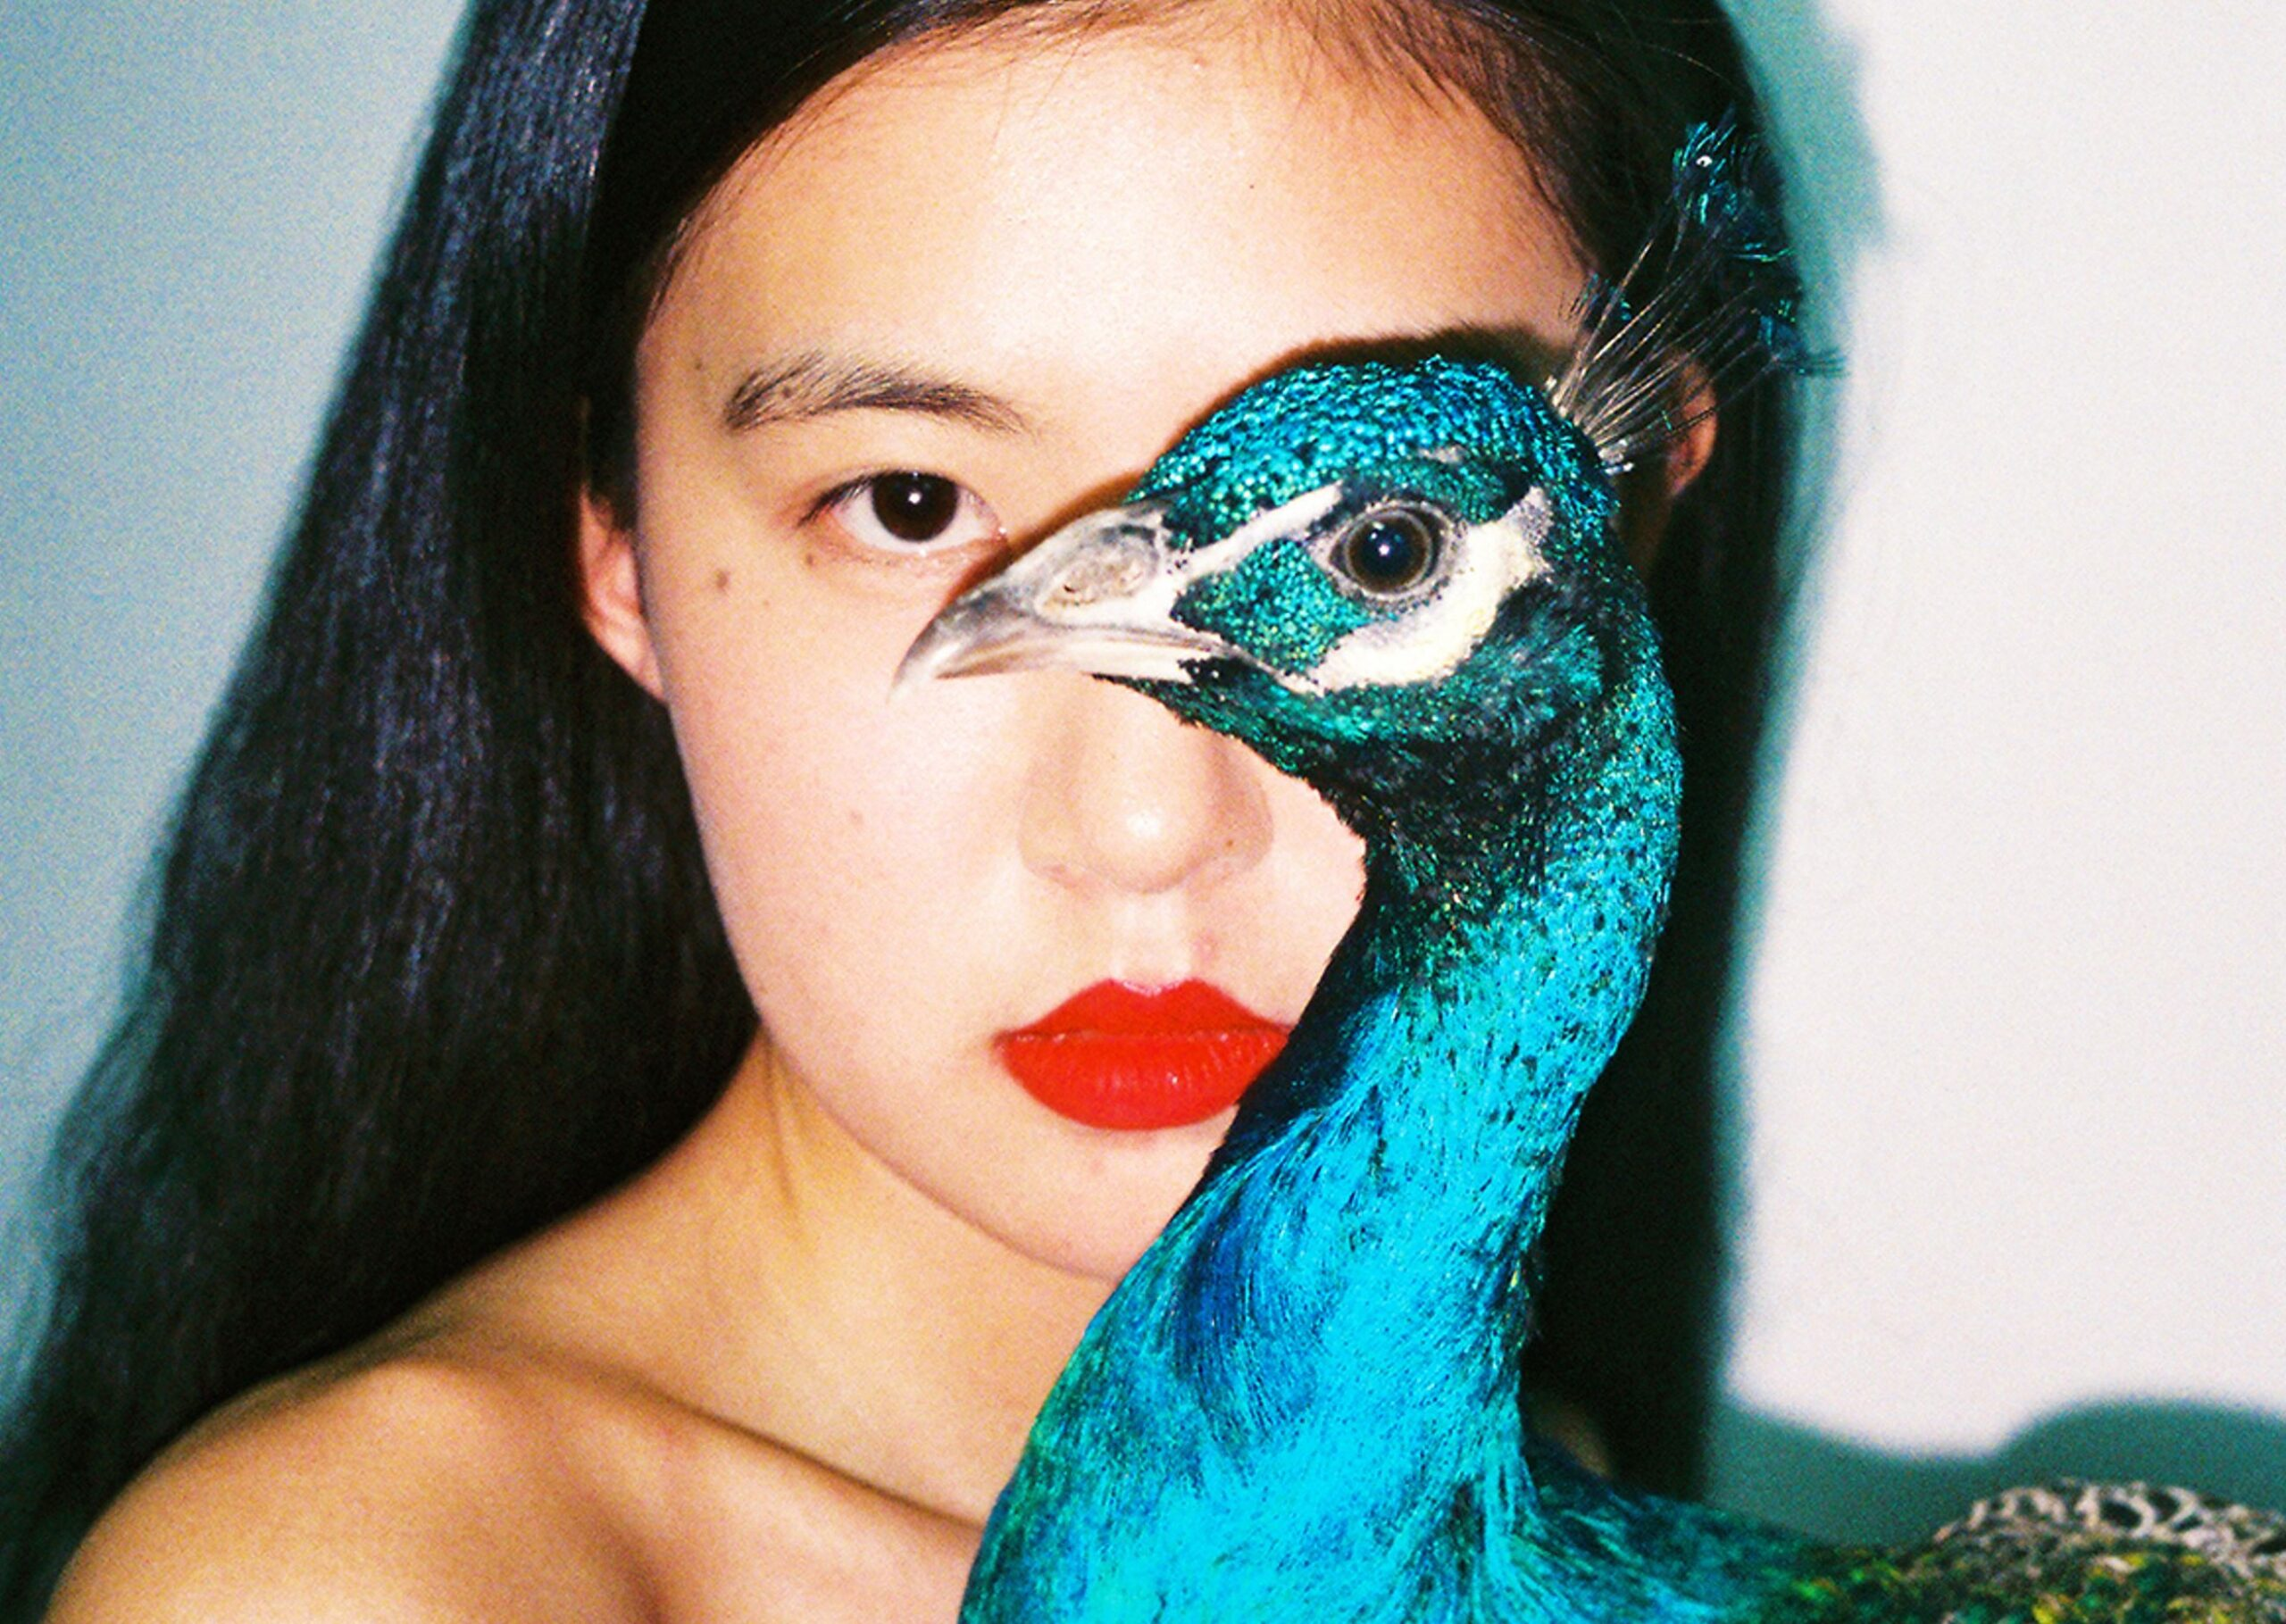 Pavoneggiamenti. Tutti pazzi per il filtro Peacock di Ren Hang, profusione di polli blu elettrici su Instagram